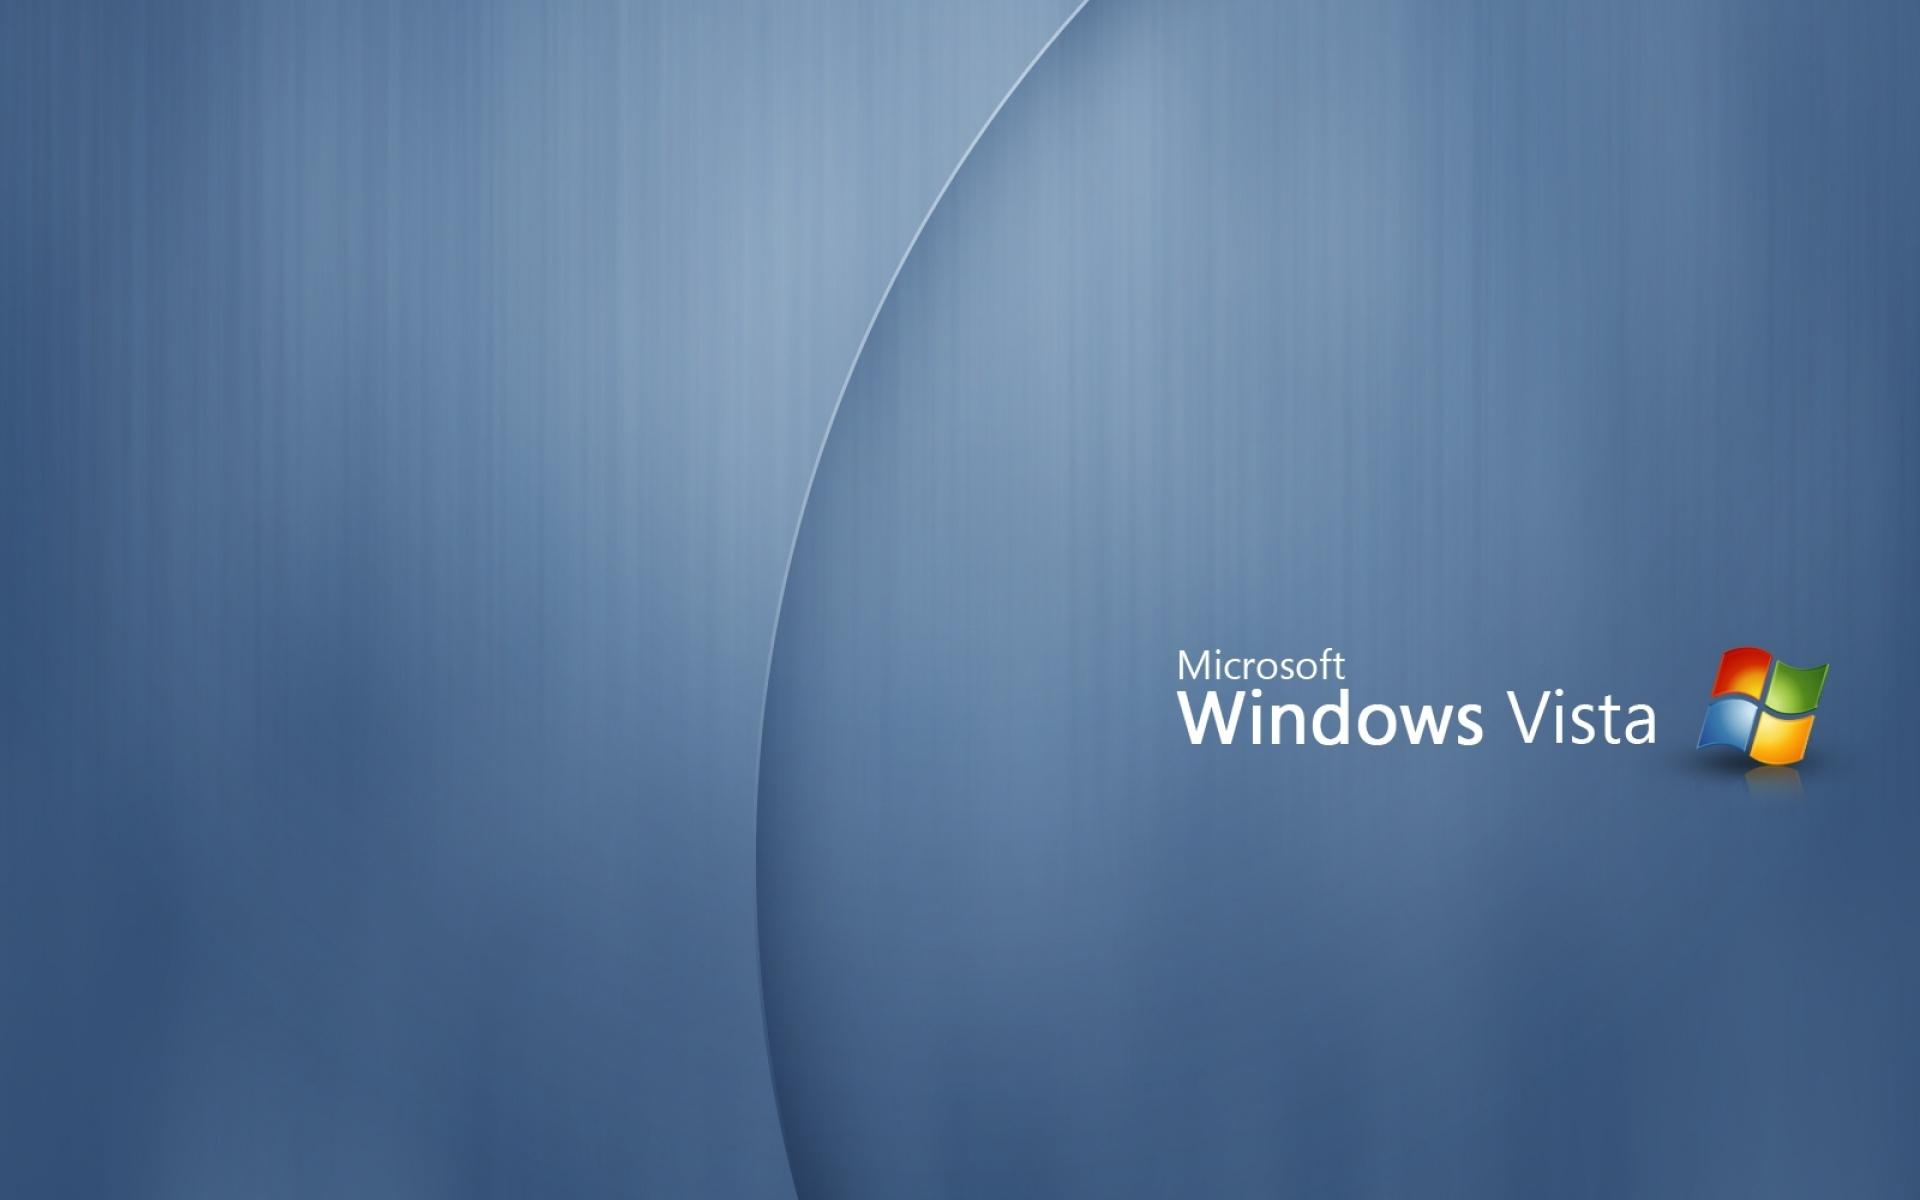 Картинки Vista, логотип, фон фото и обои на рабочий стол